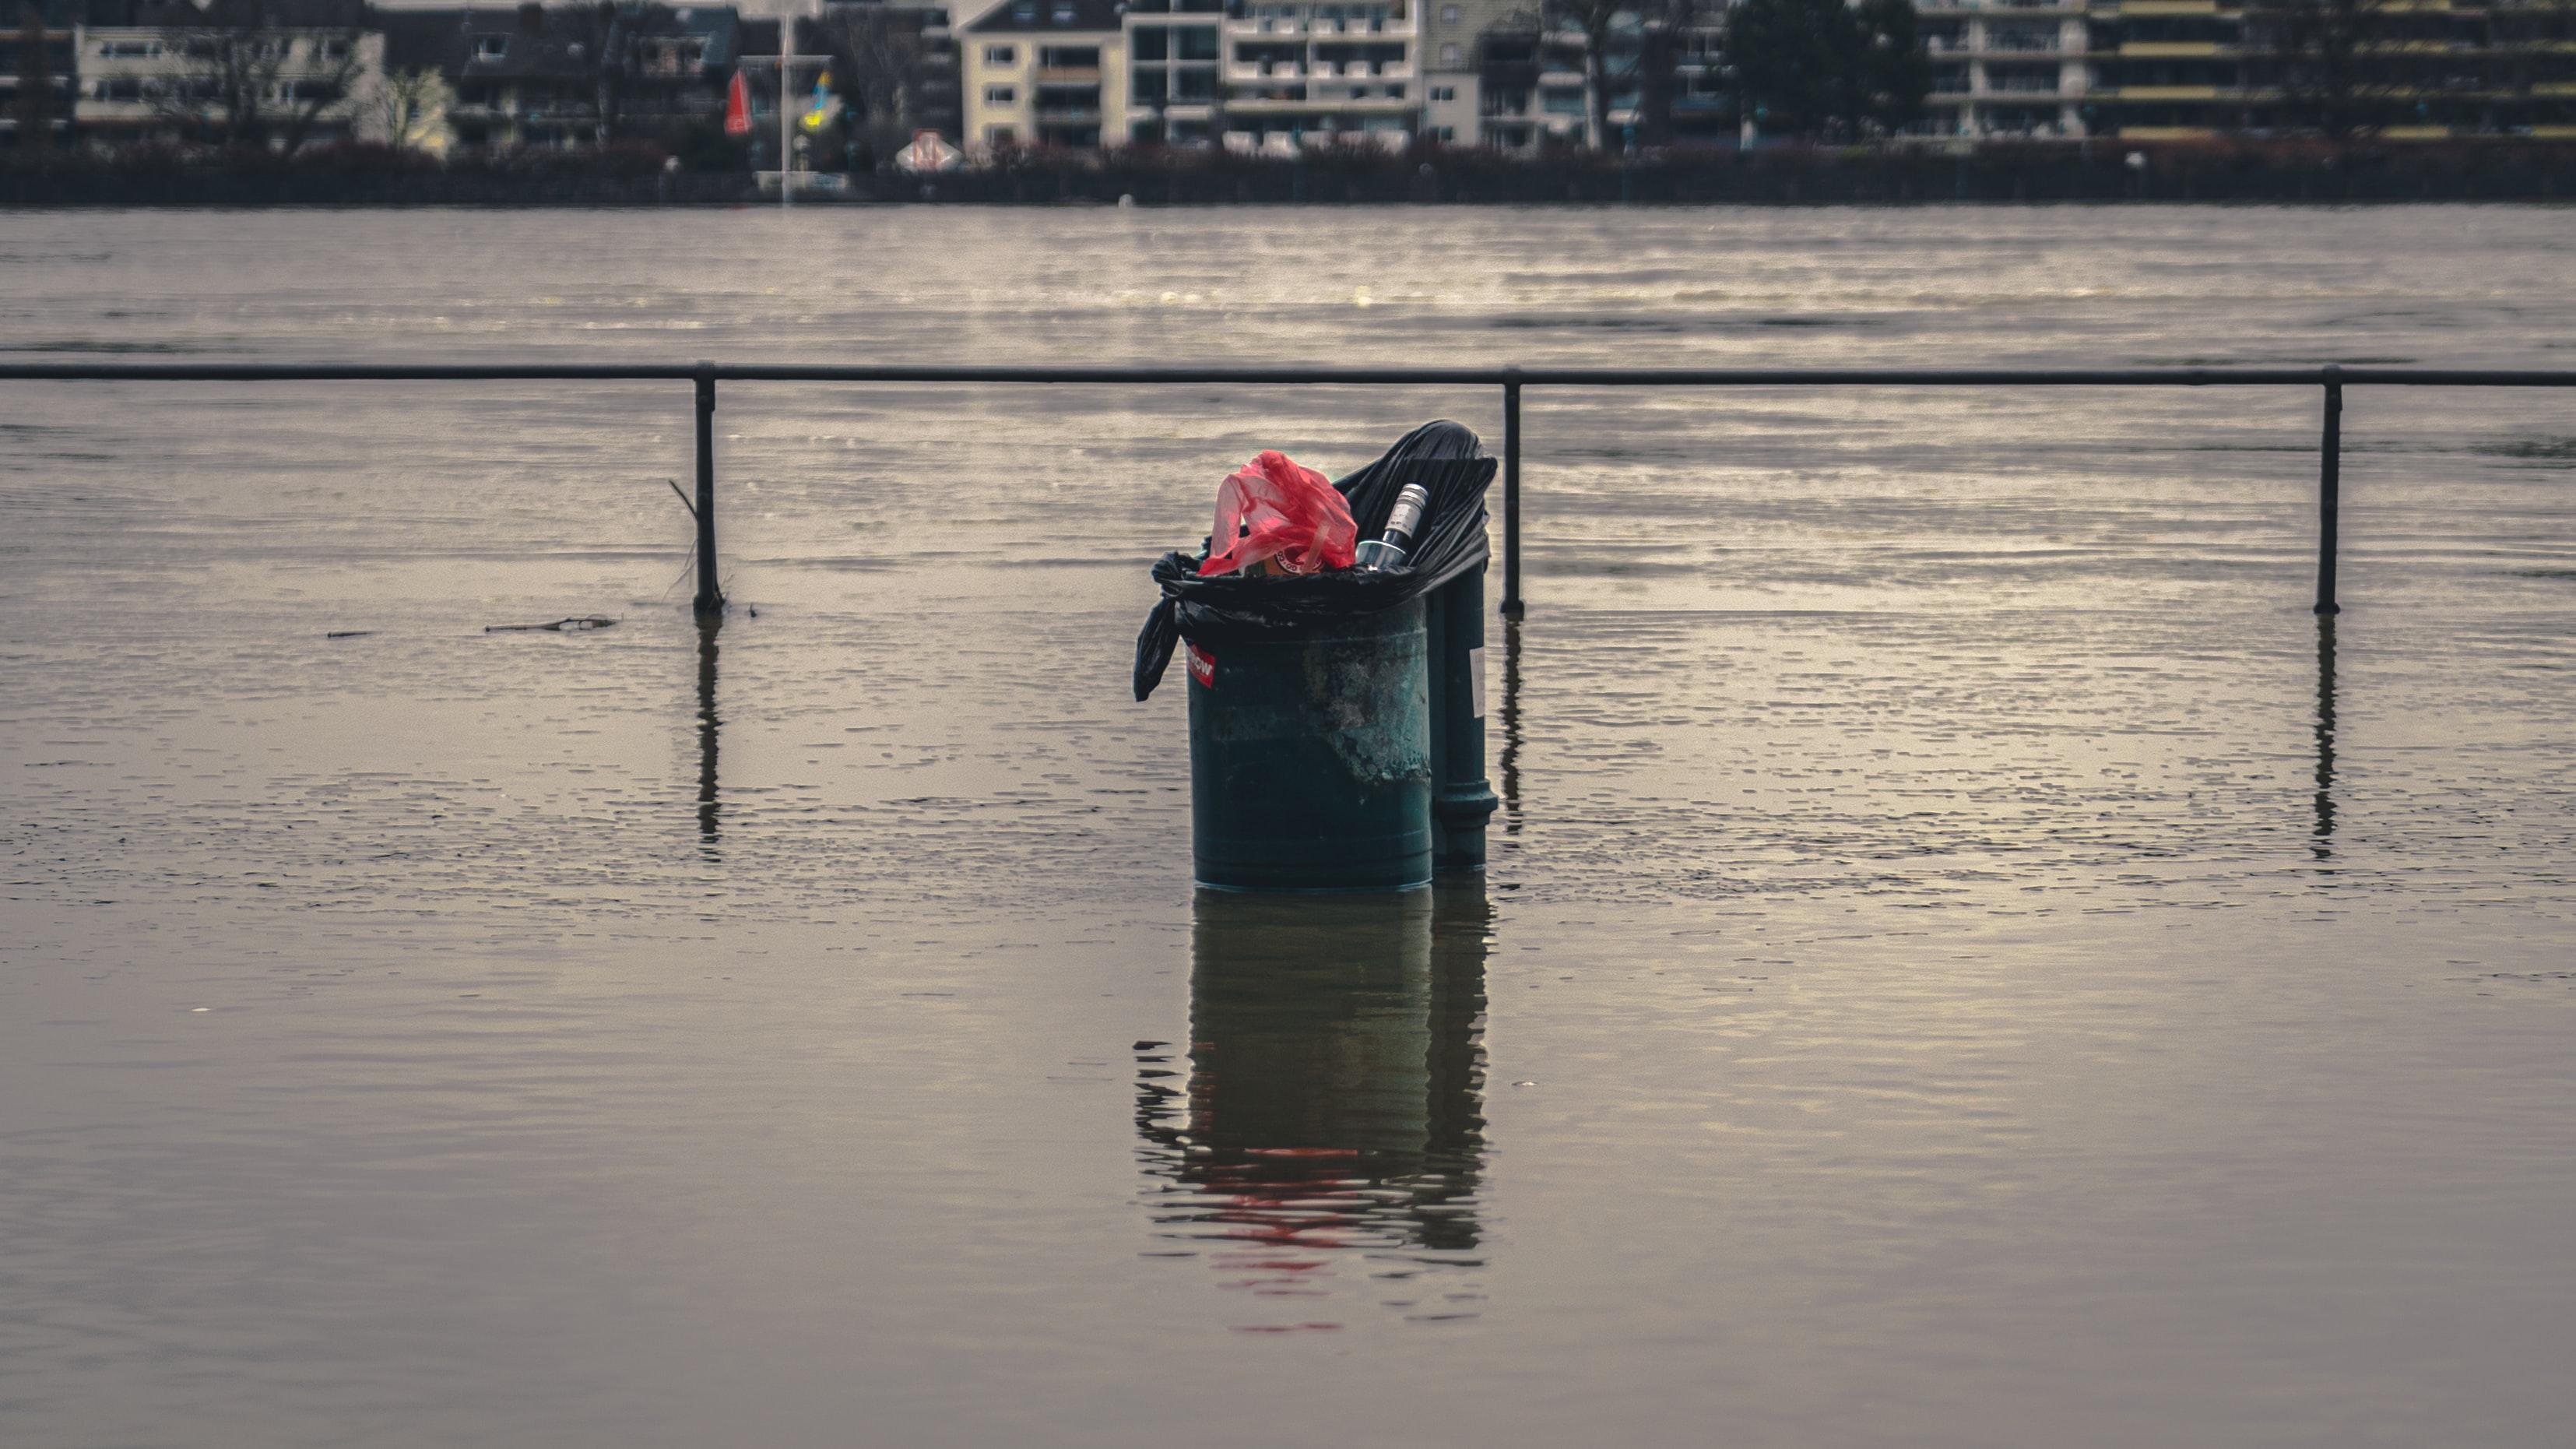 Bild überflutung